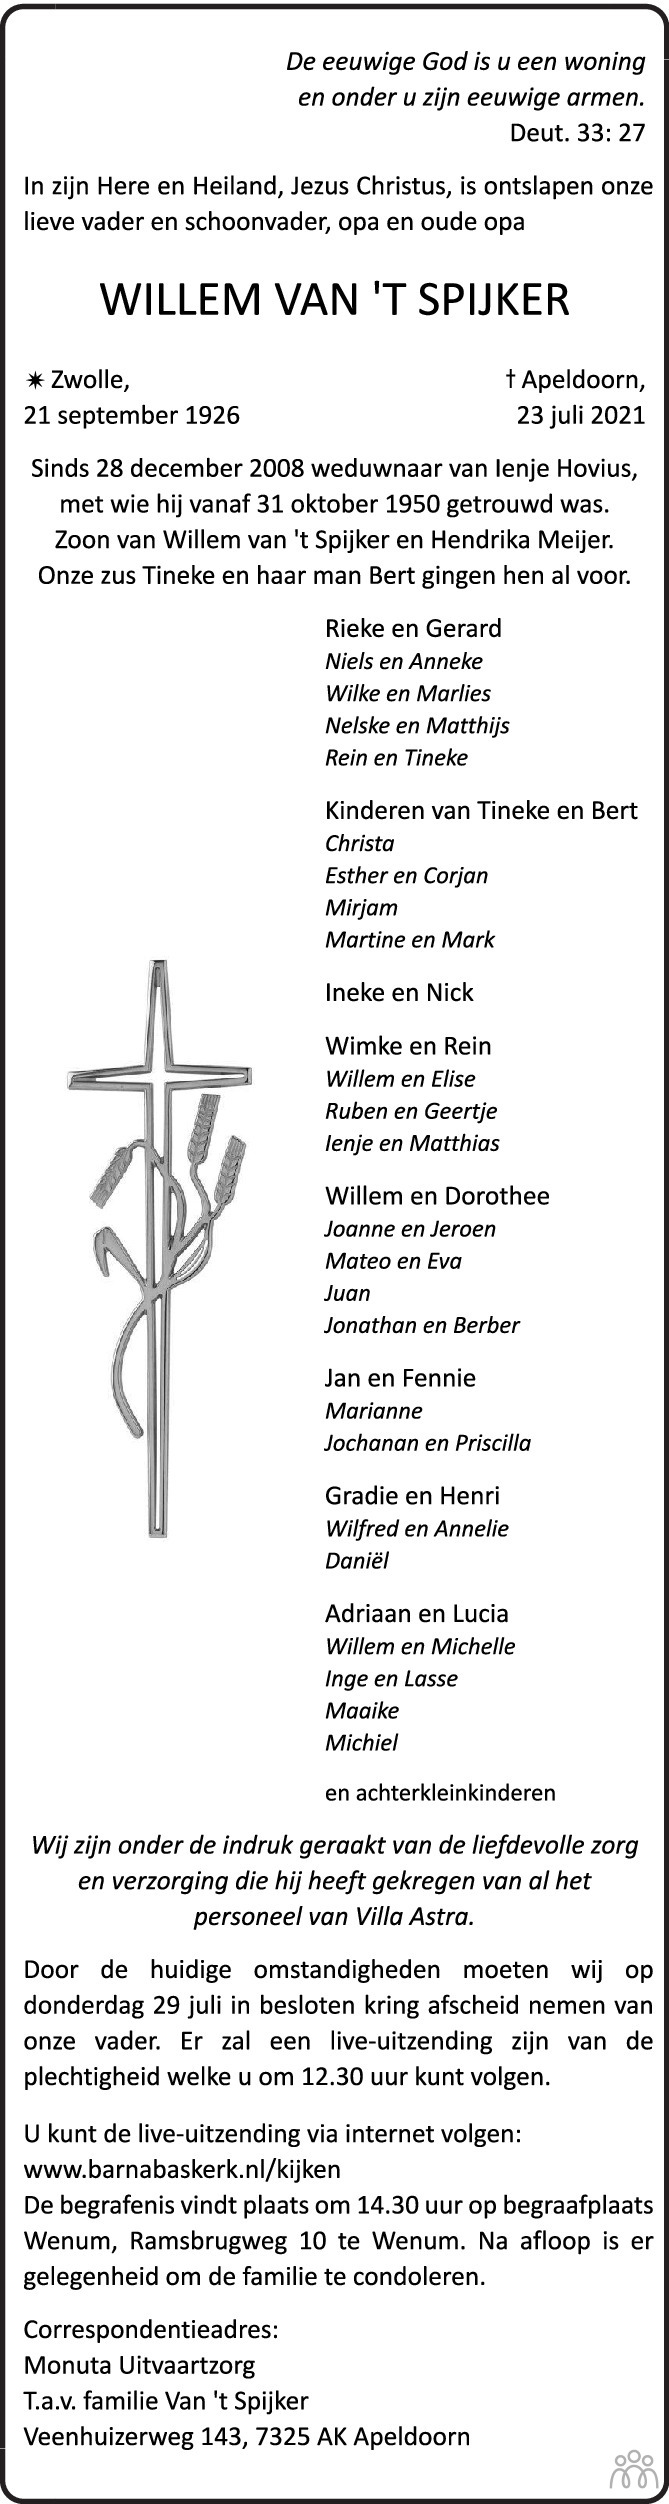 Overlijdensbericht van Willem van 't Spijker in Trouw